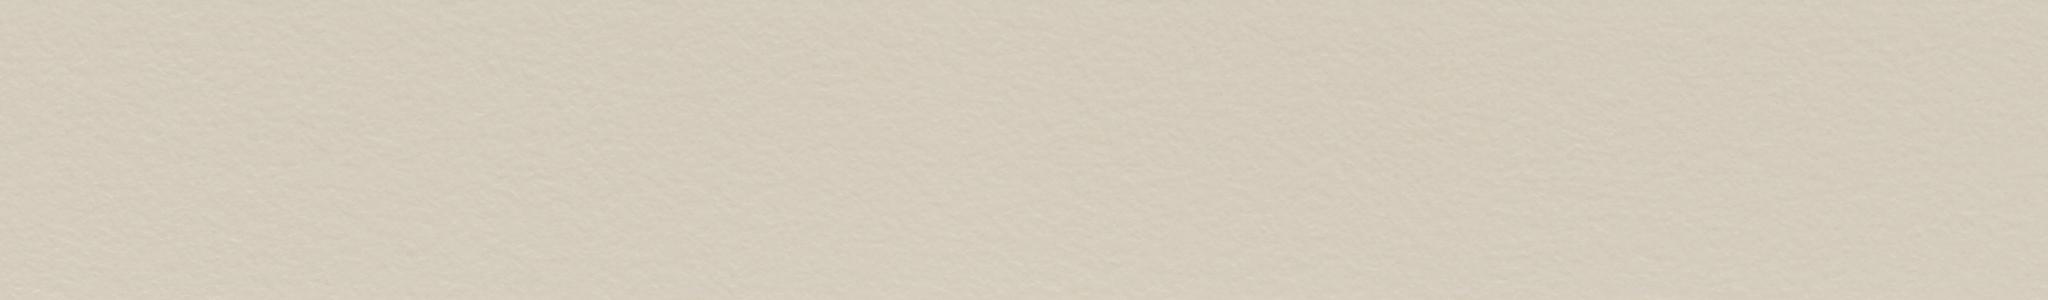 HU 188533 ABS hrana cappuccino perla jemná 107